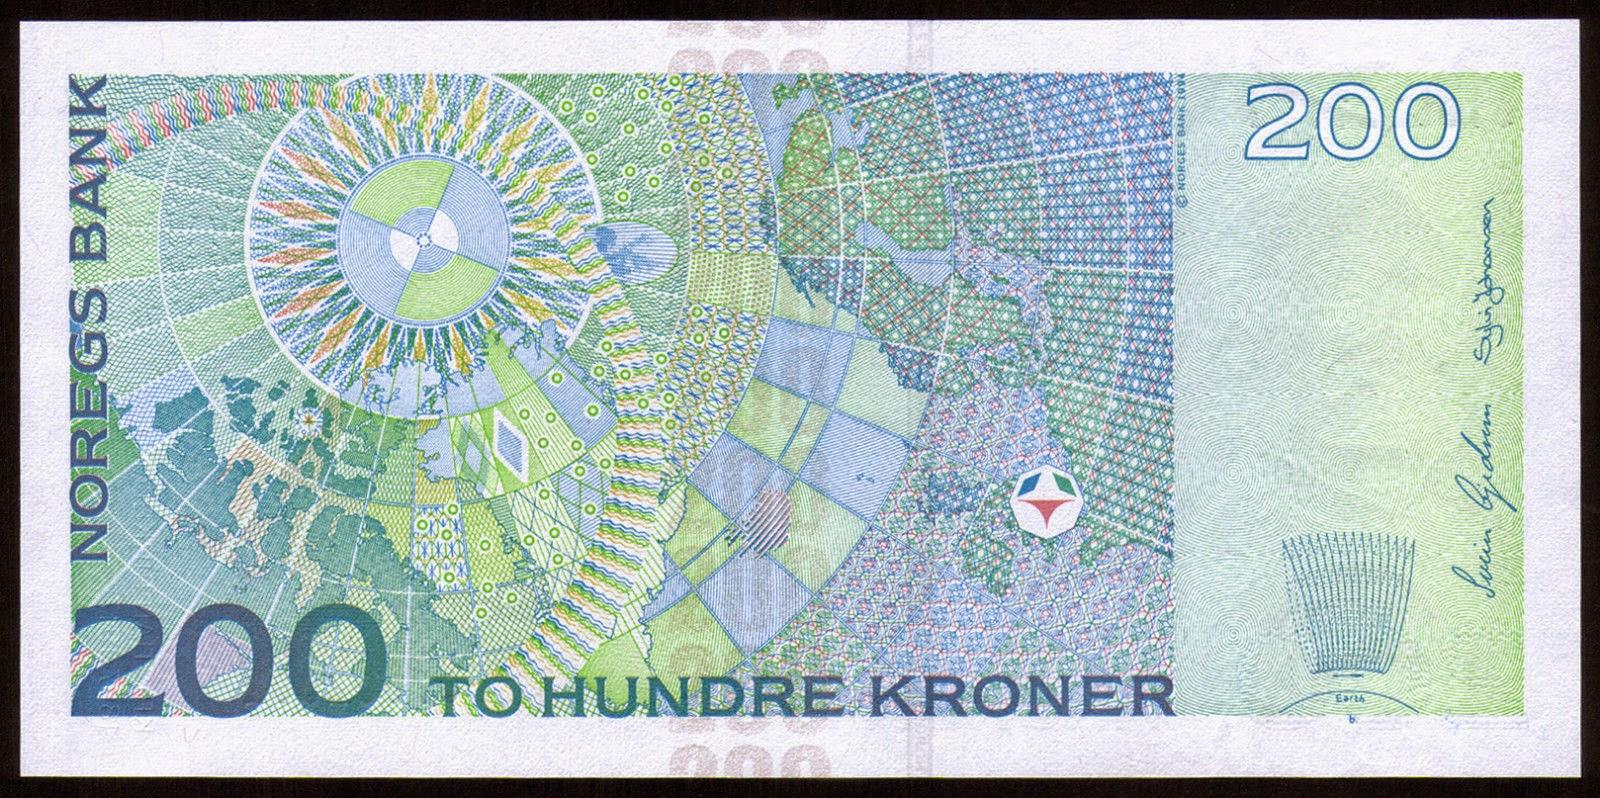 Norwegian Banknotes 200 Norwegian Kroner note